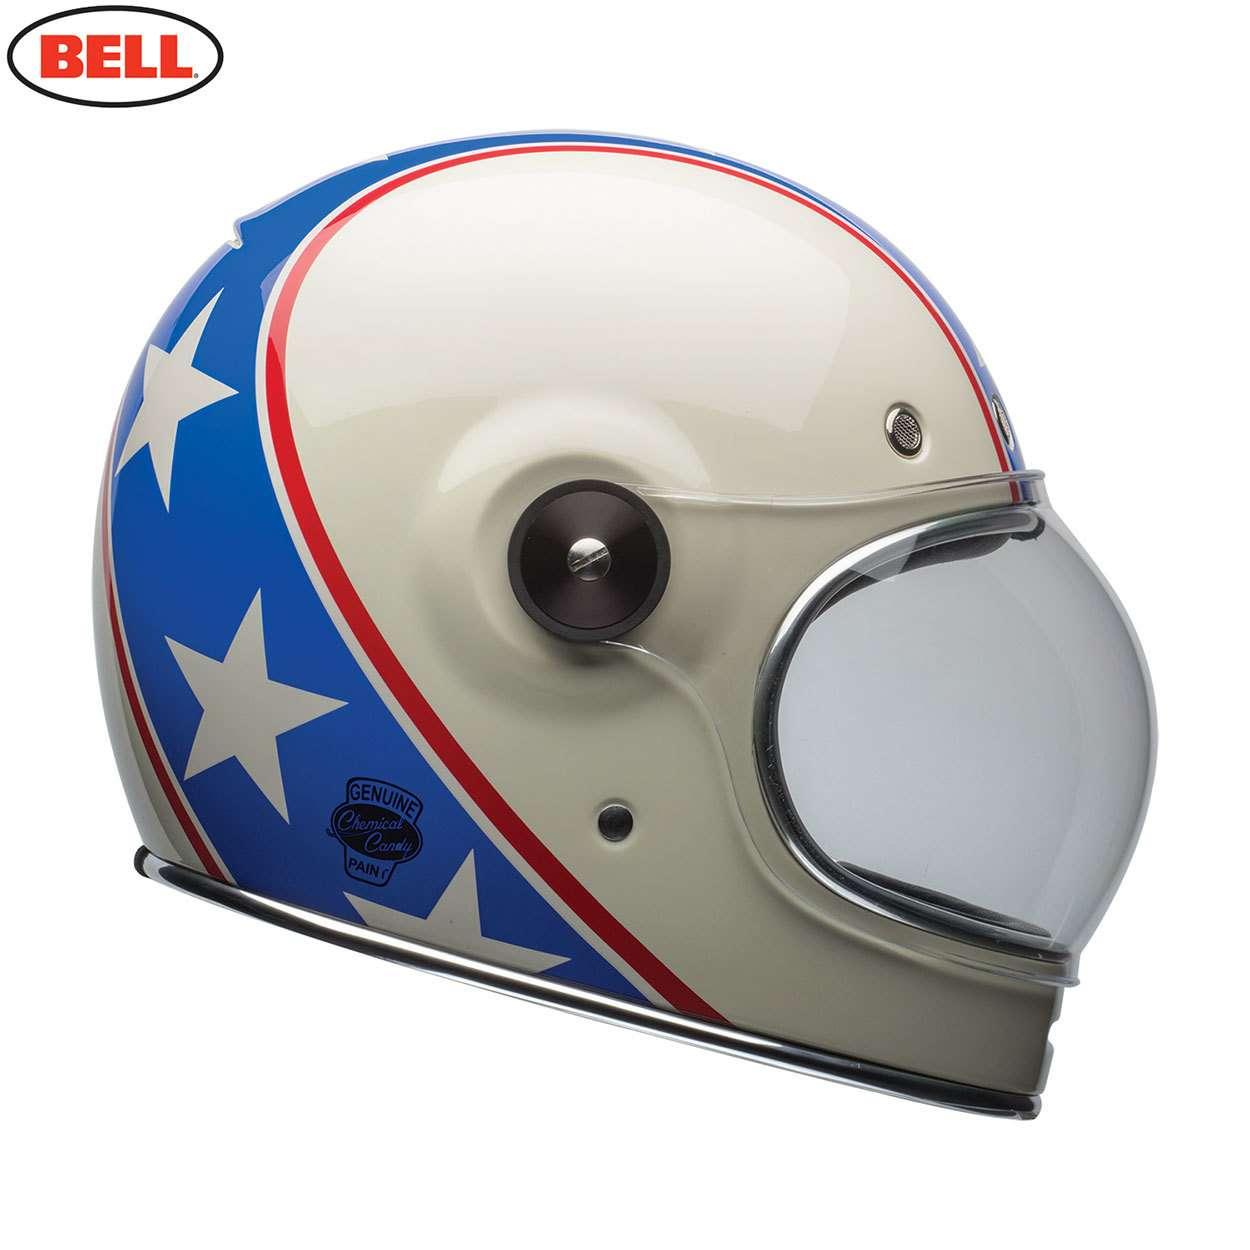 cde041d1b6200 Bell Cruiser Bullitt SE Motorcycle Bike Helmet - Chemical Candy  Blue White Red